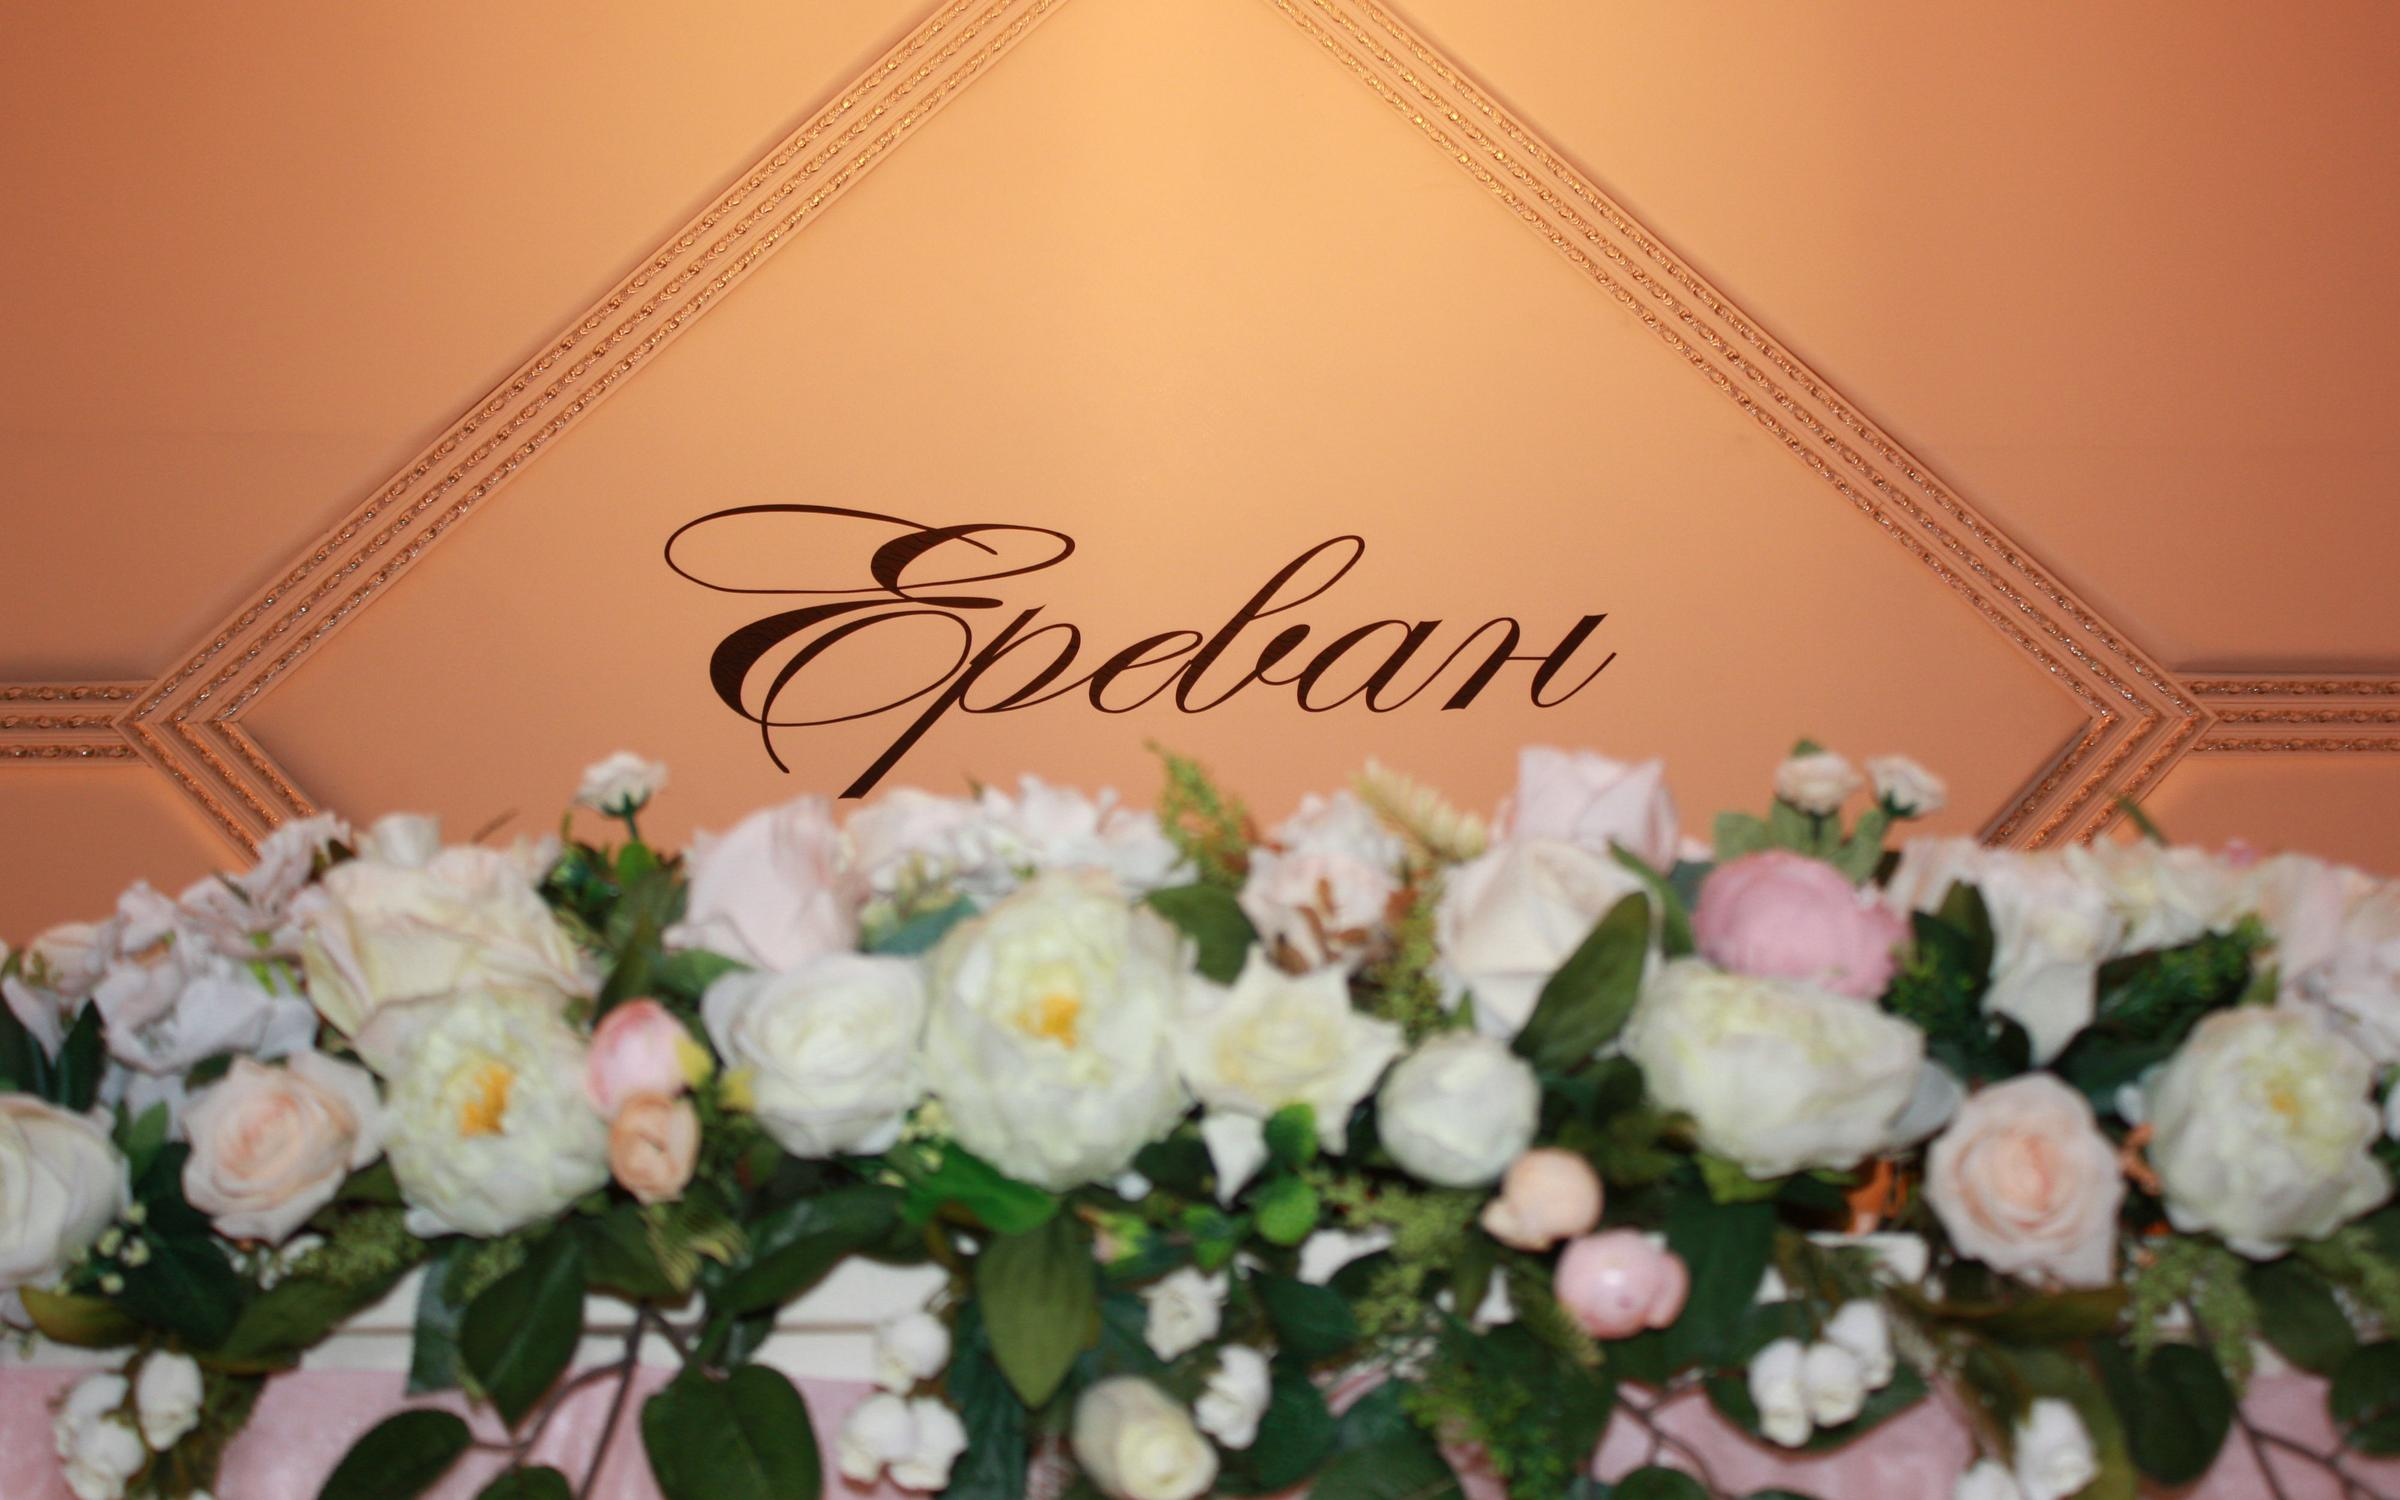 фотография Ресторана ЕРЕВАН на Оренбургской улице, 32 стр 5